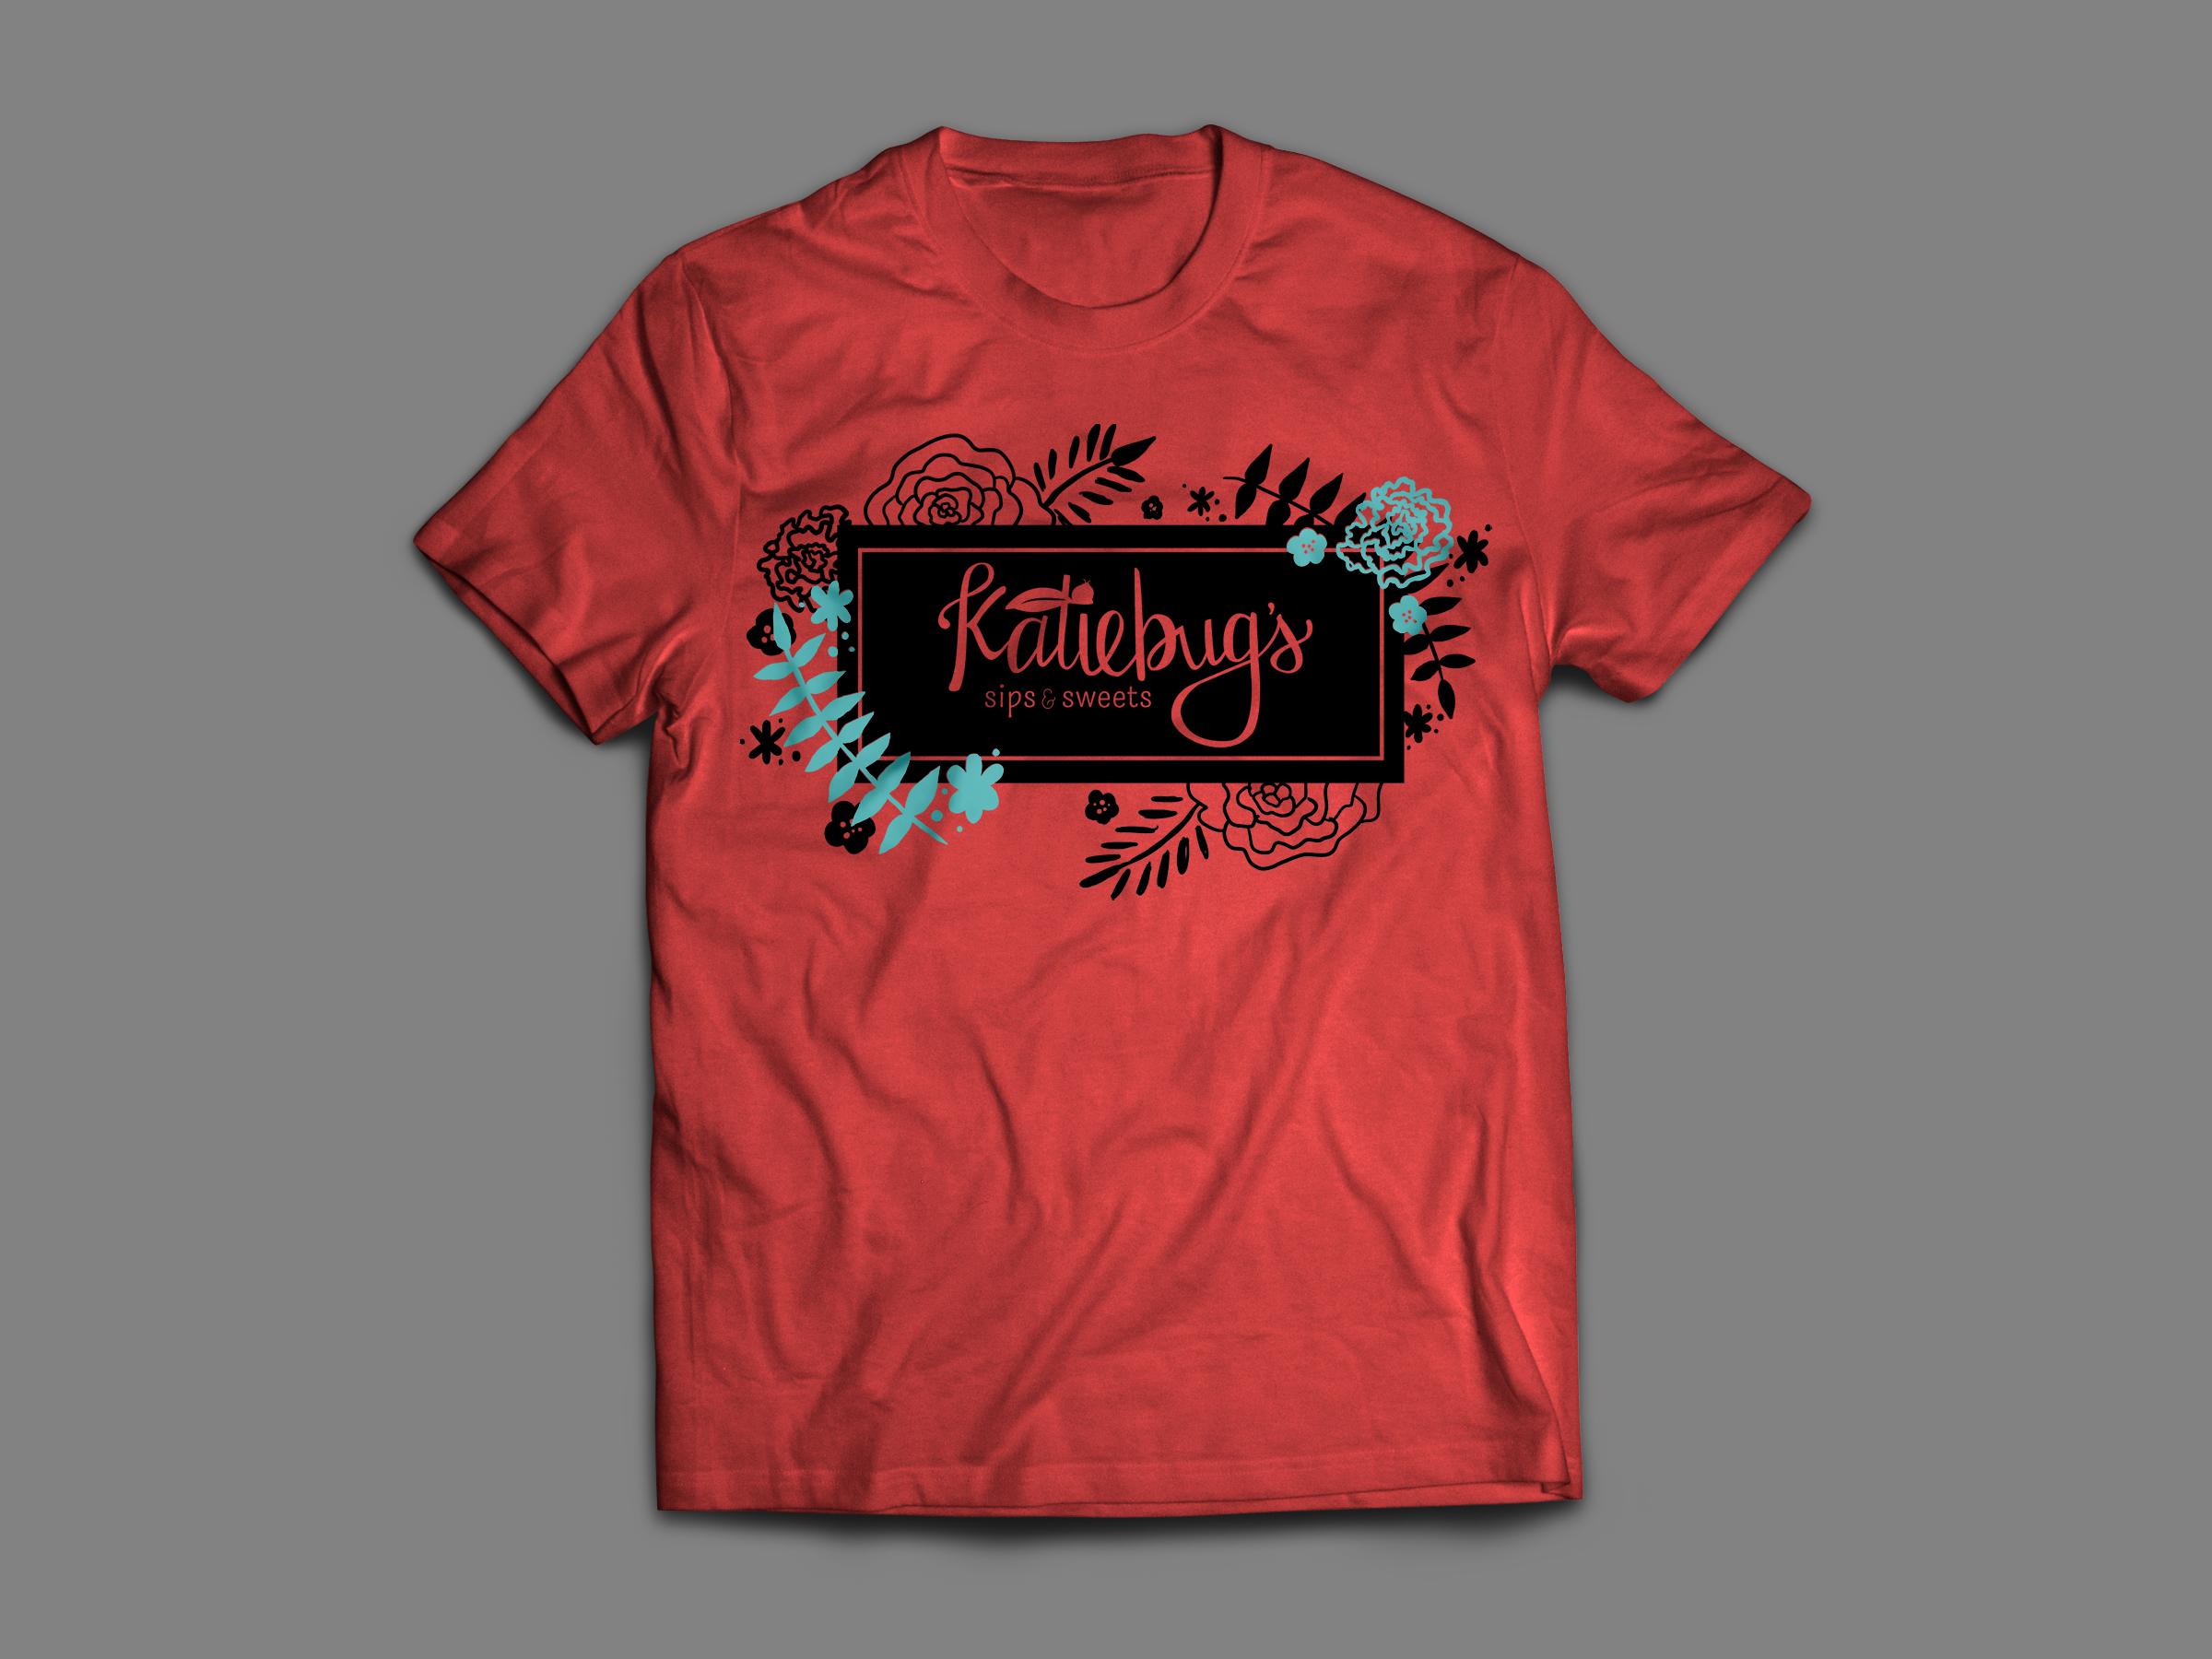 Shirt mockup front